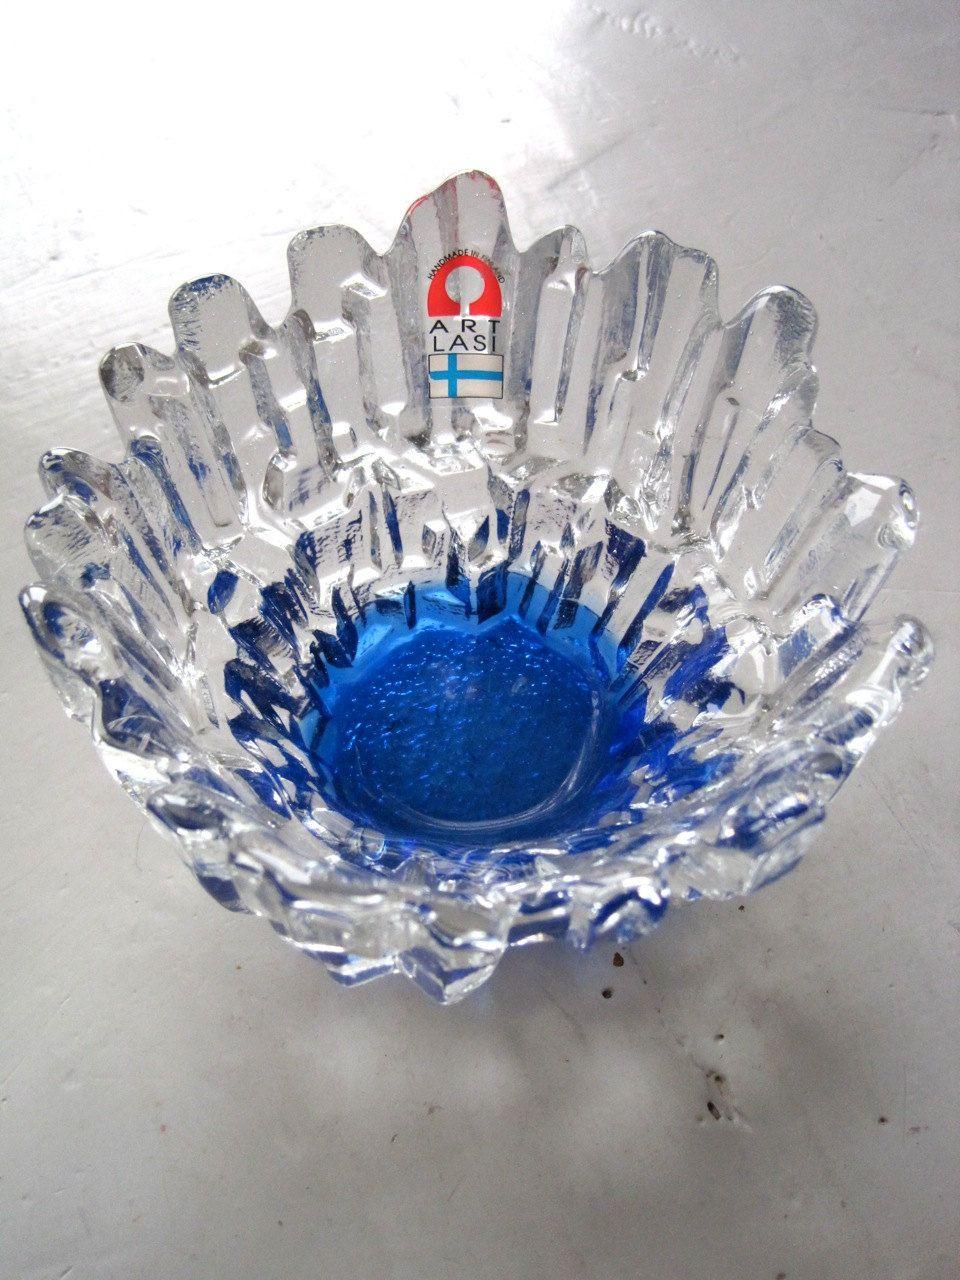 Delft serviesje-Finse kunst glas Clear en kobalt blauwe